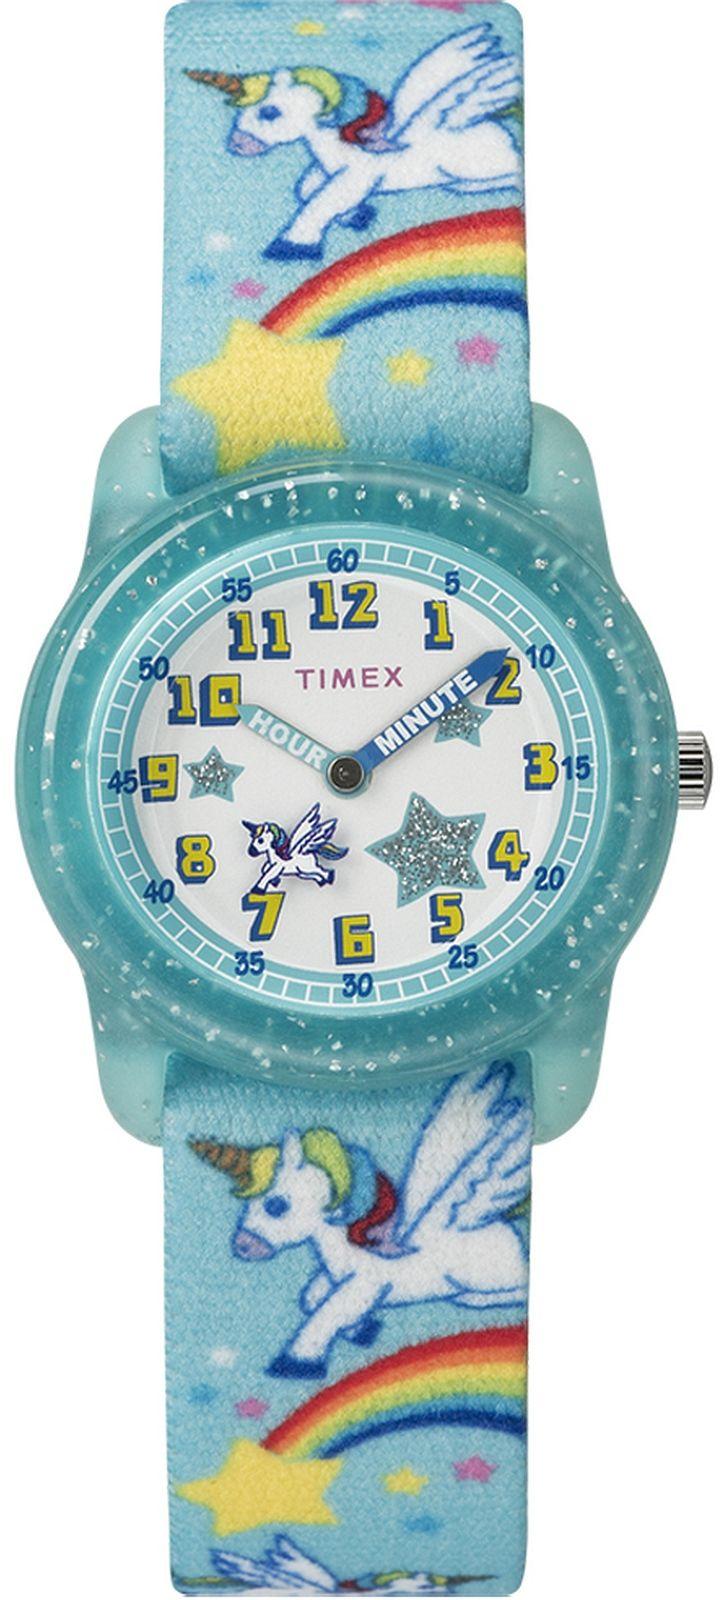 Timex TW7C25600 > Wysyłka tego samego dnia Grawer 0zł Darmowa dostawa Kurierem/Inpost Darmowy zwrot przez 100 DNI